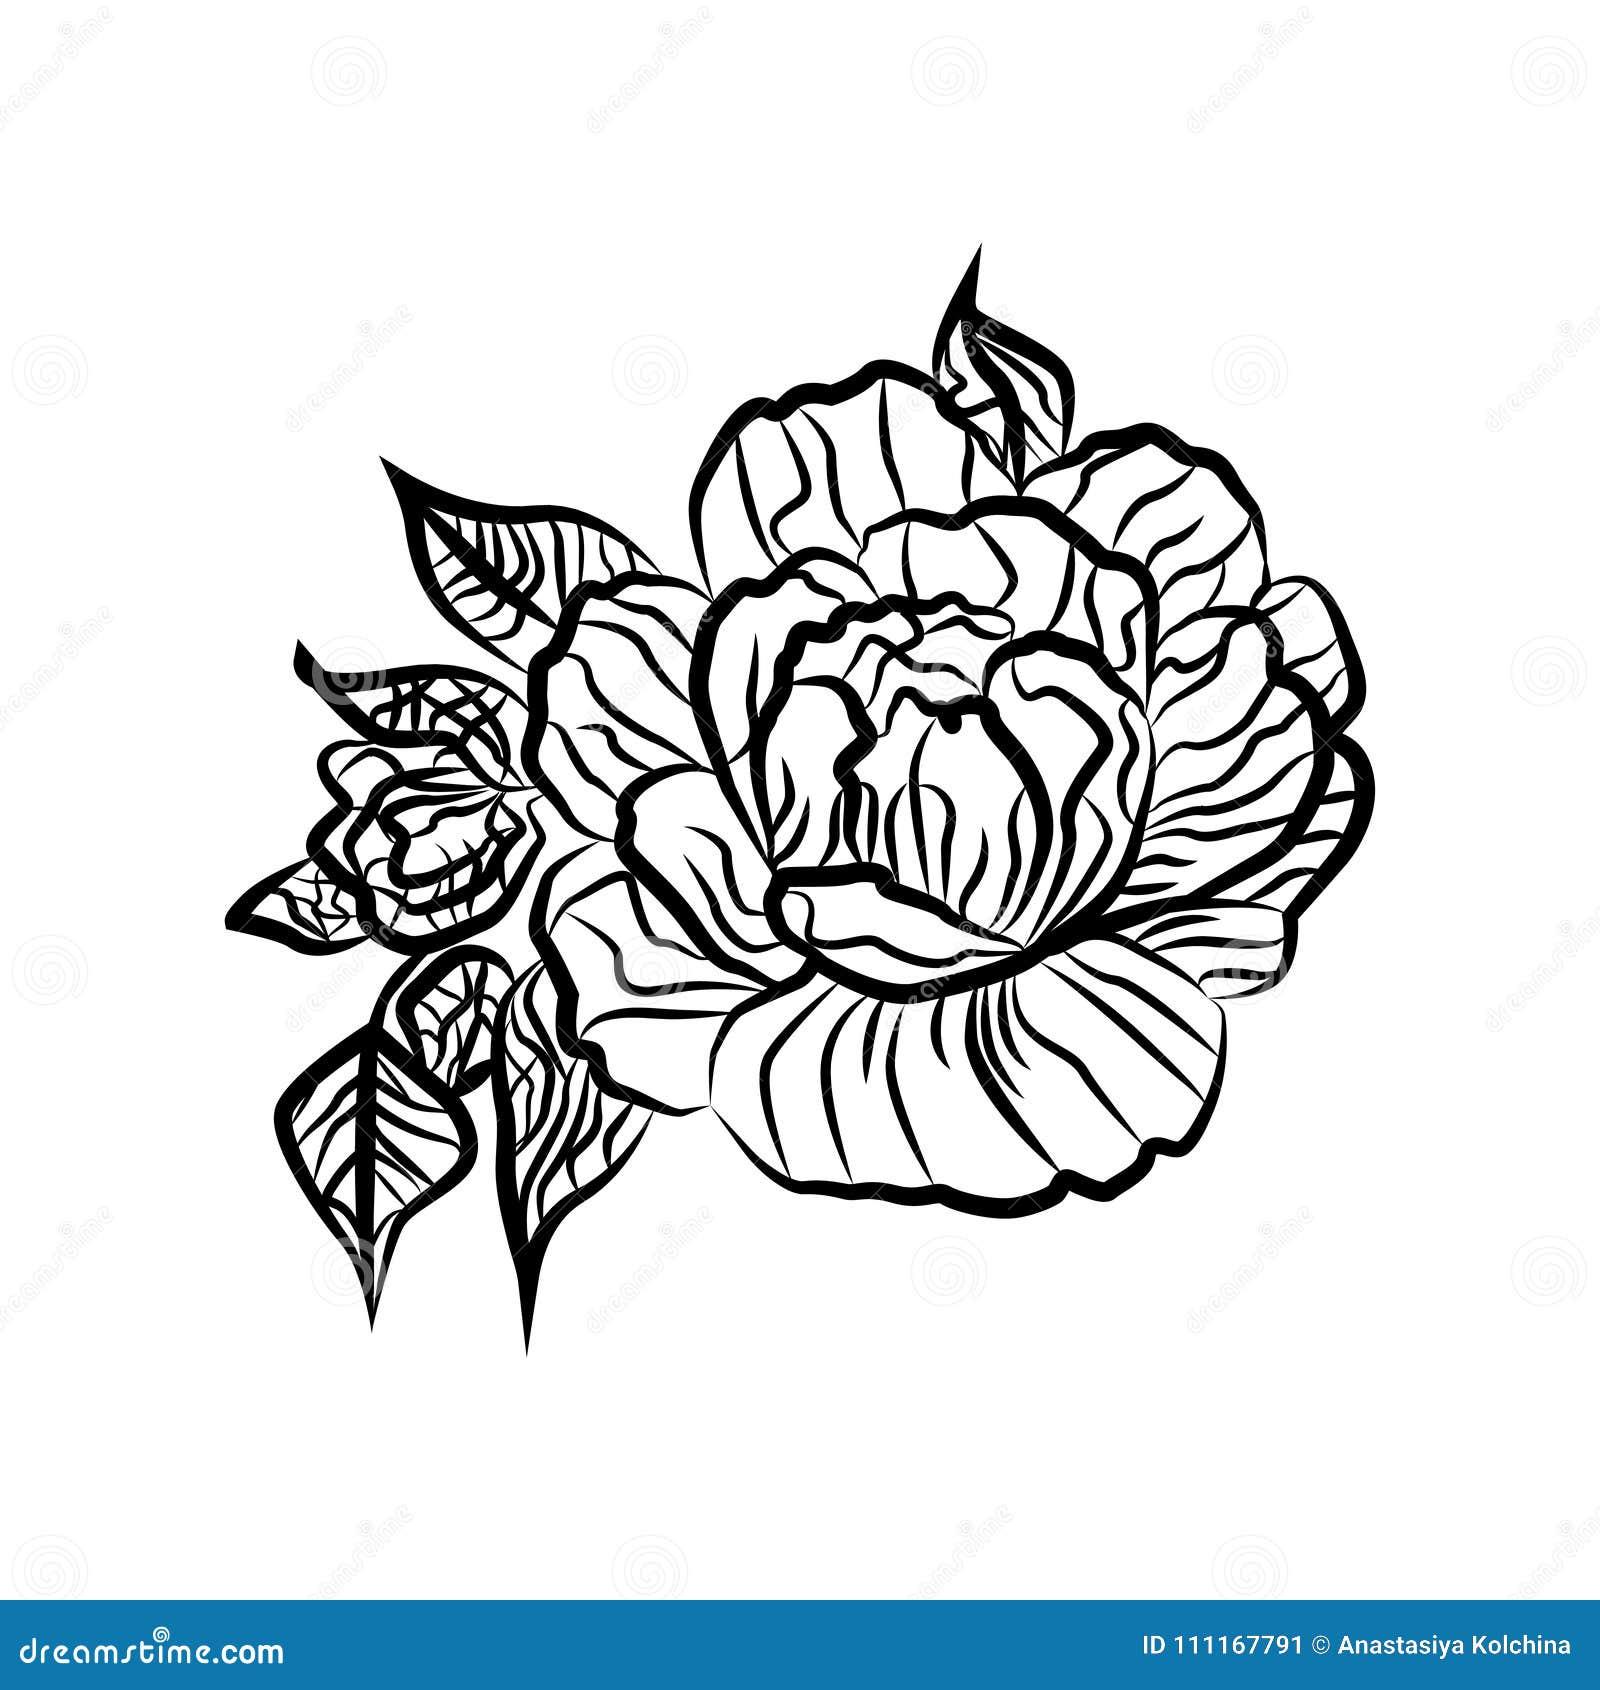 Dessin Noir Et Blanc Dun Tatouage De Rose Silhouette De